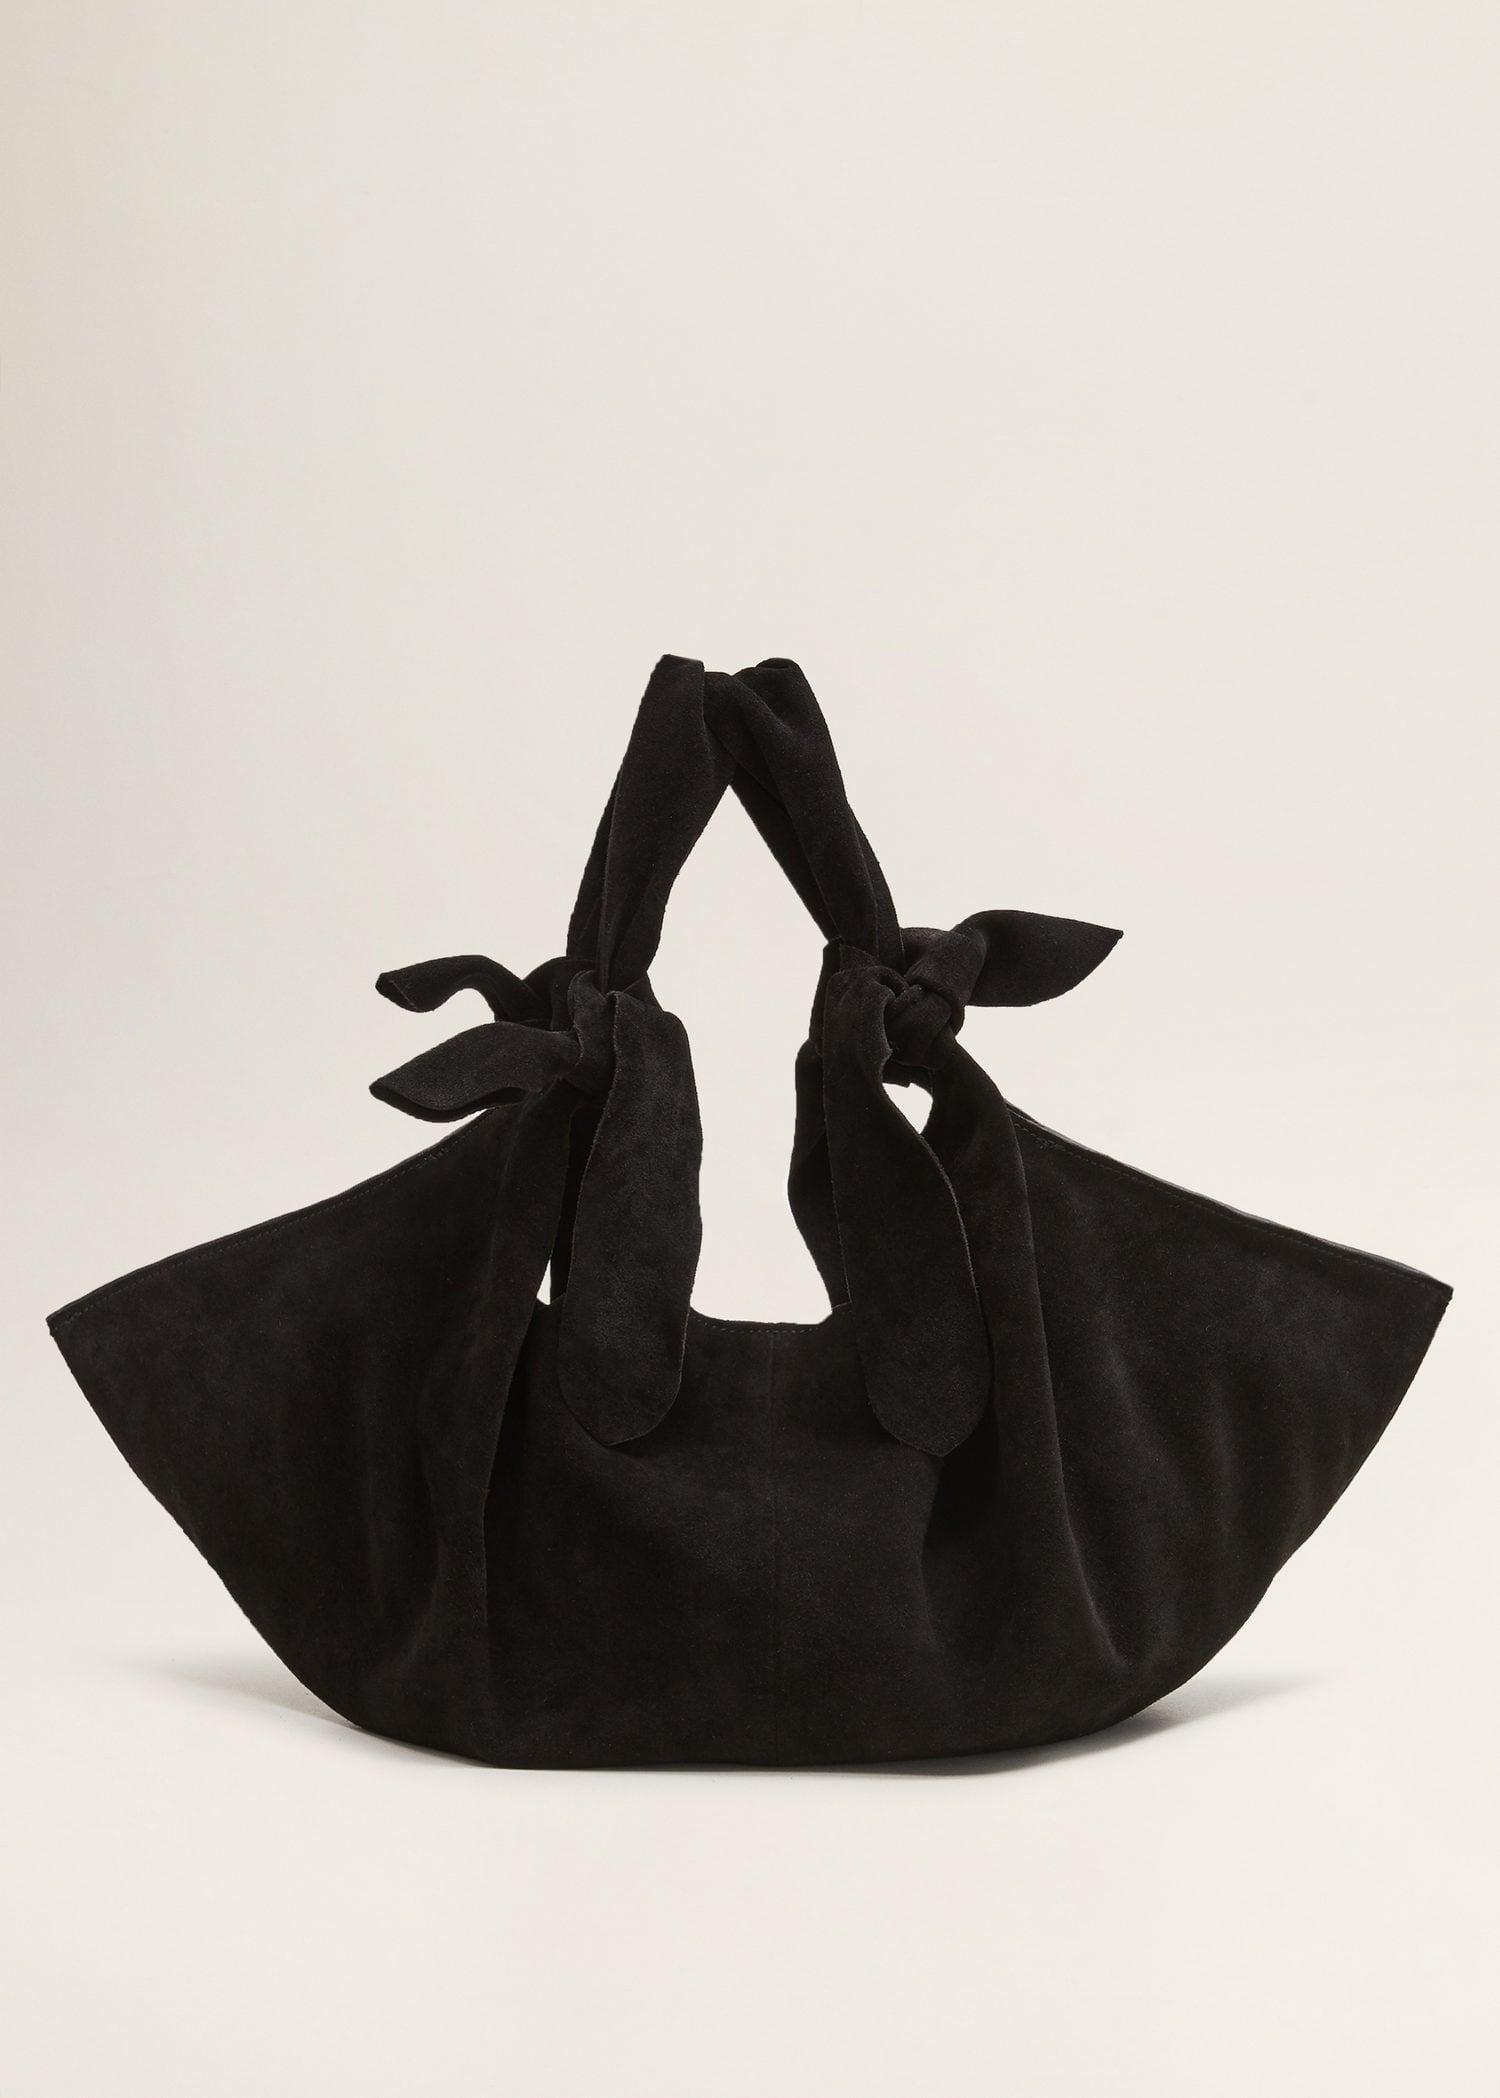 e2b28f0444 Mango Bow Leather Bag in Black - Lyst